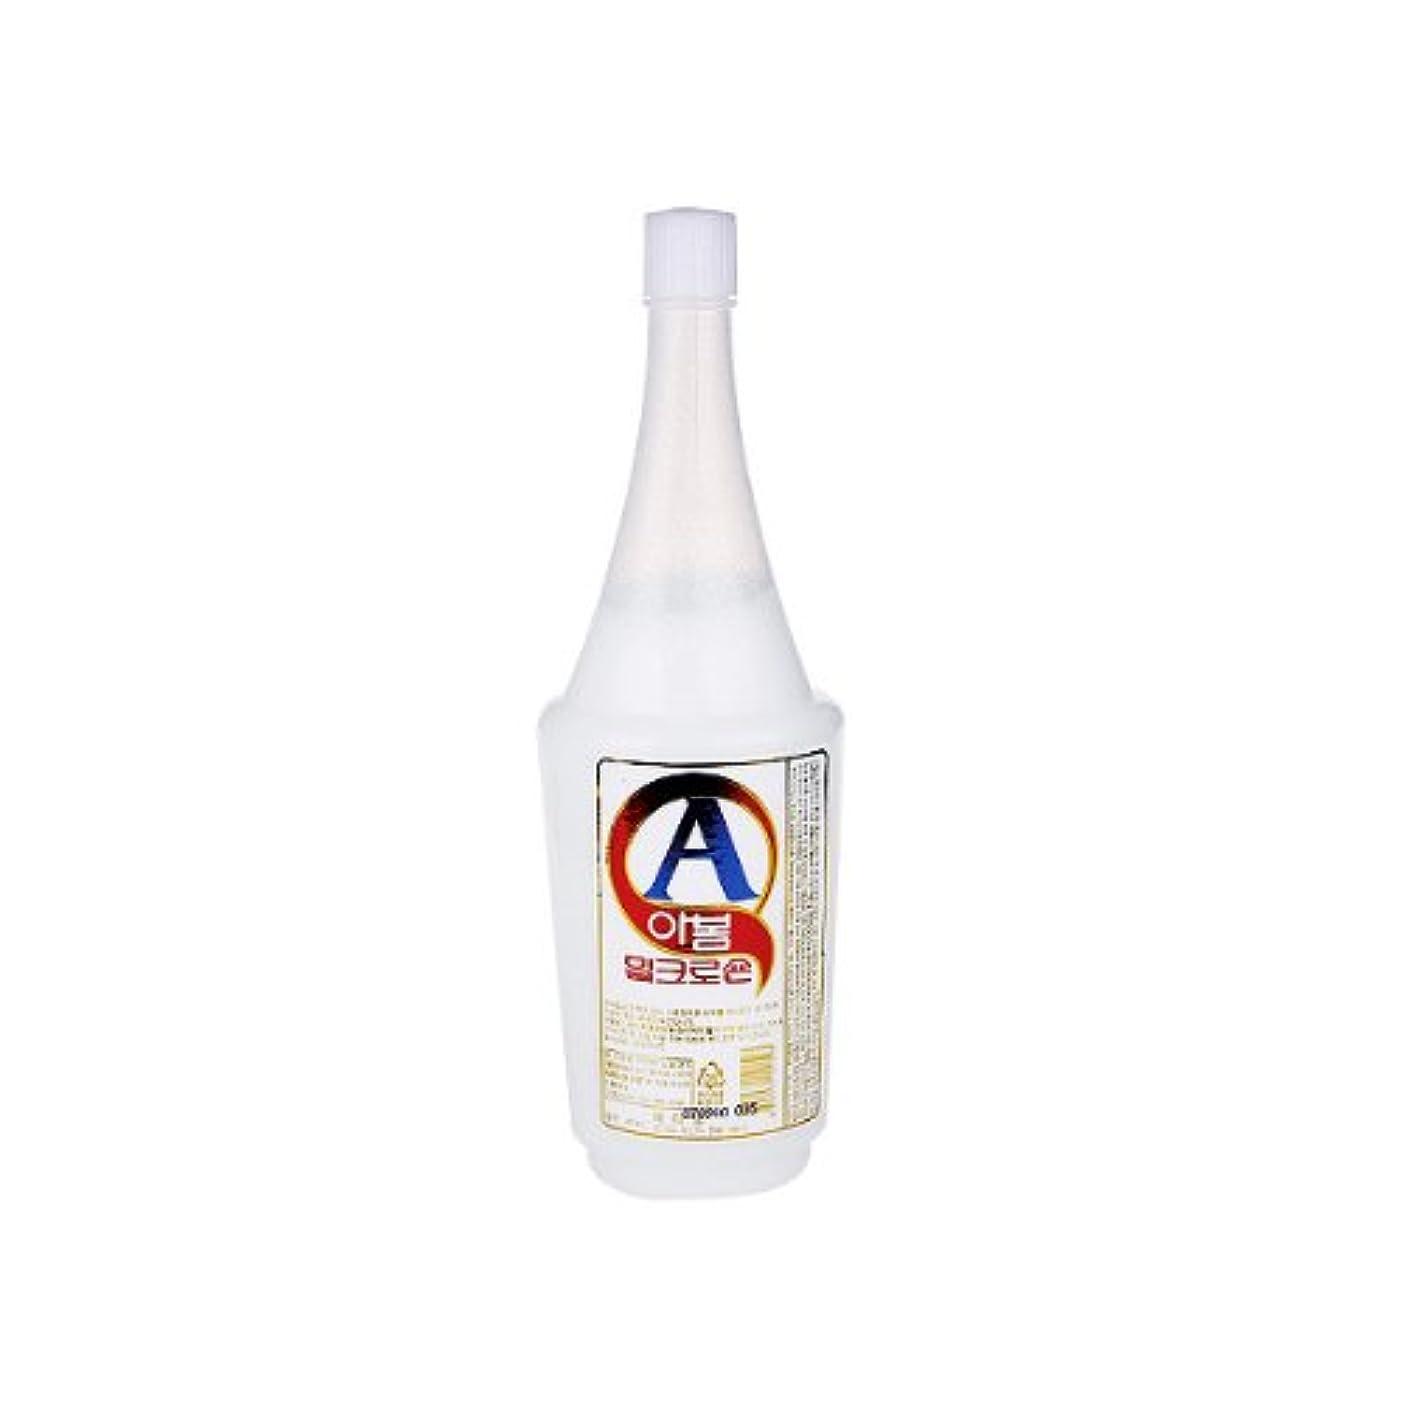 ショップ抵当王室アボム ミルクローション 450ml マッサージ用 乳液 業務用